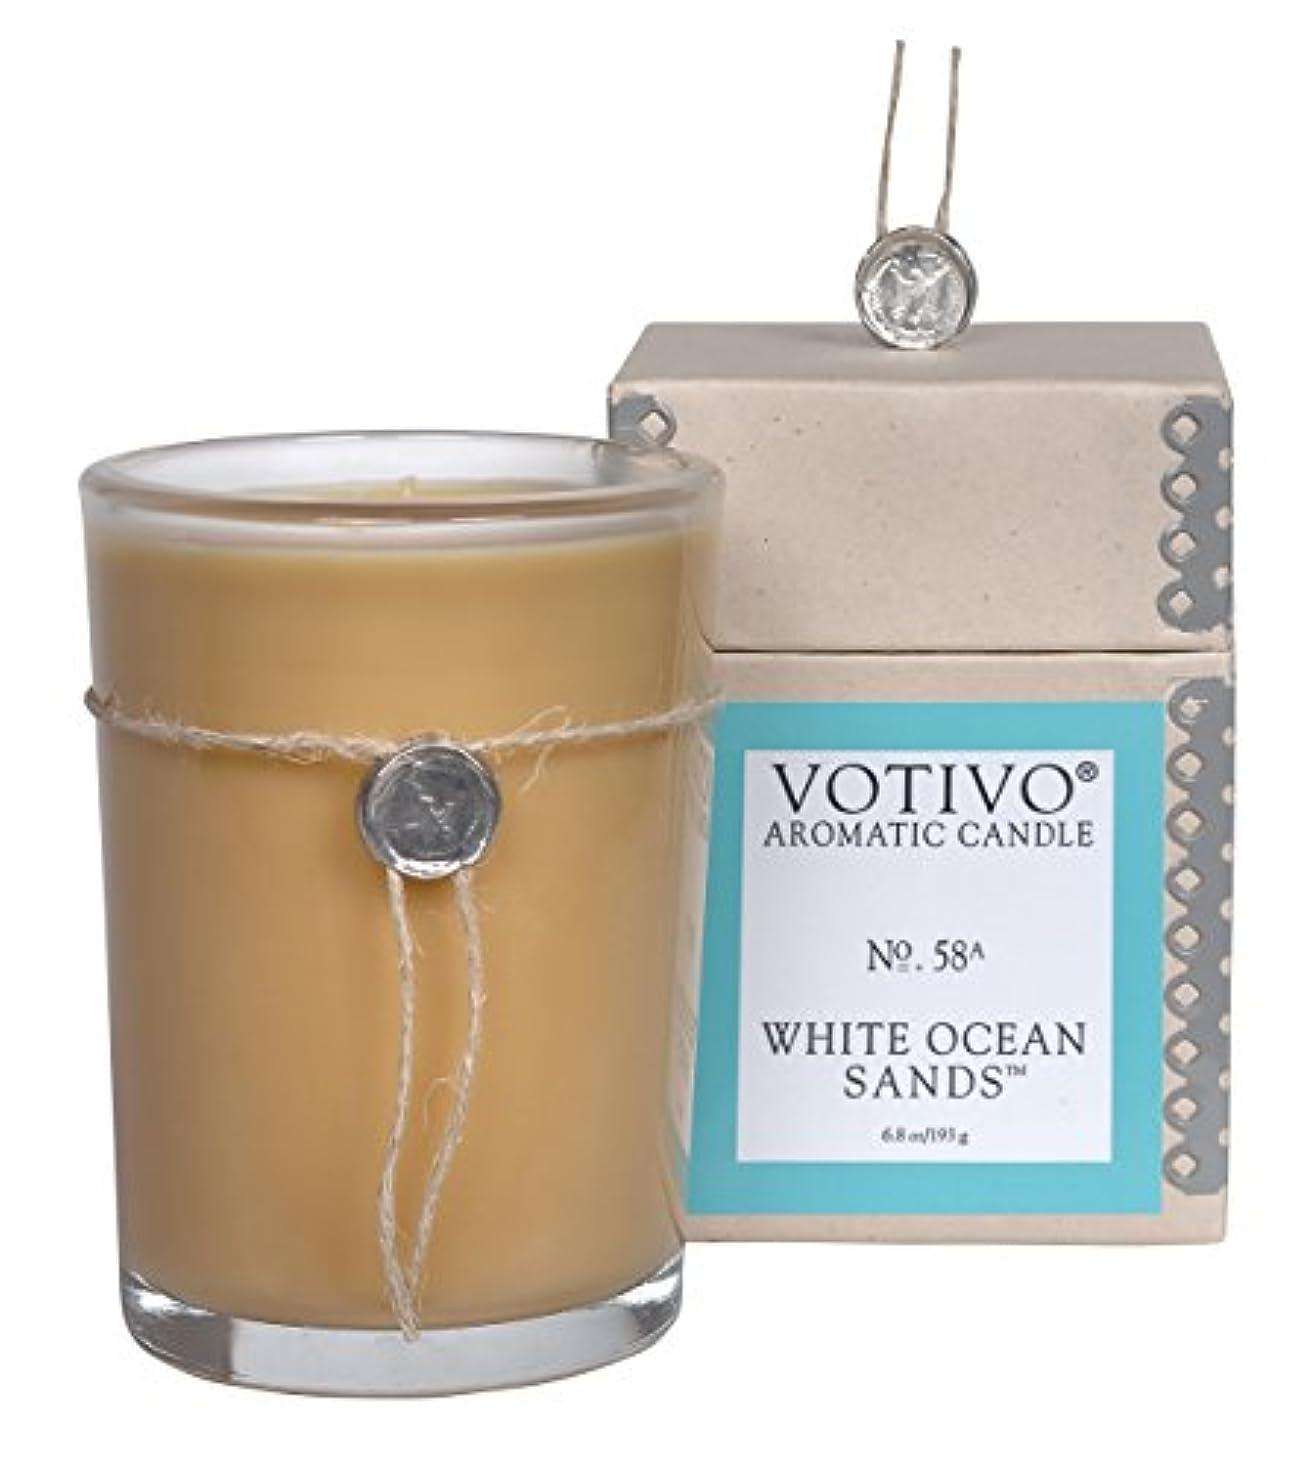 忘れっぽい劣る南東VOTIVO アロマティック グラスキャンドル ホワイトオーシャンサ